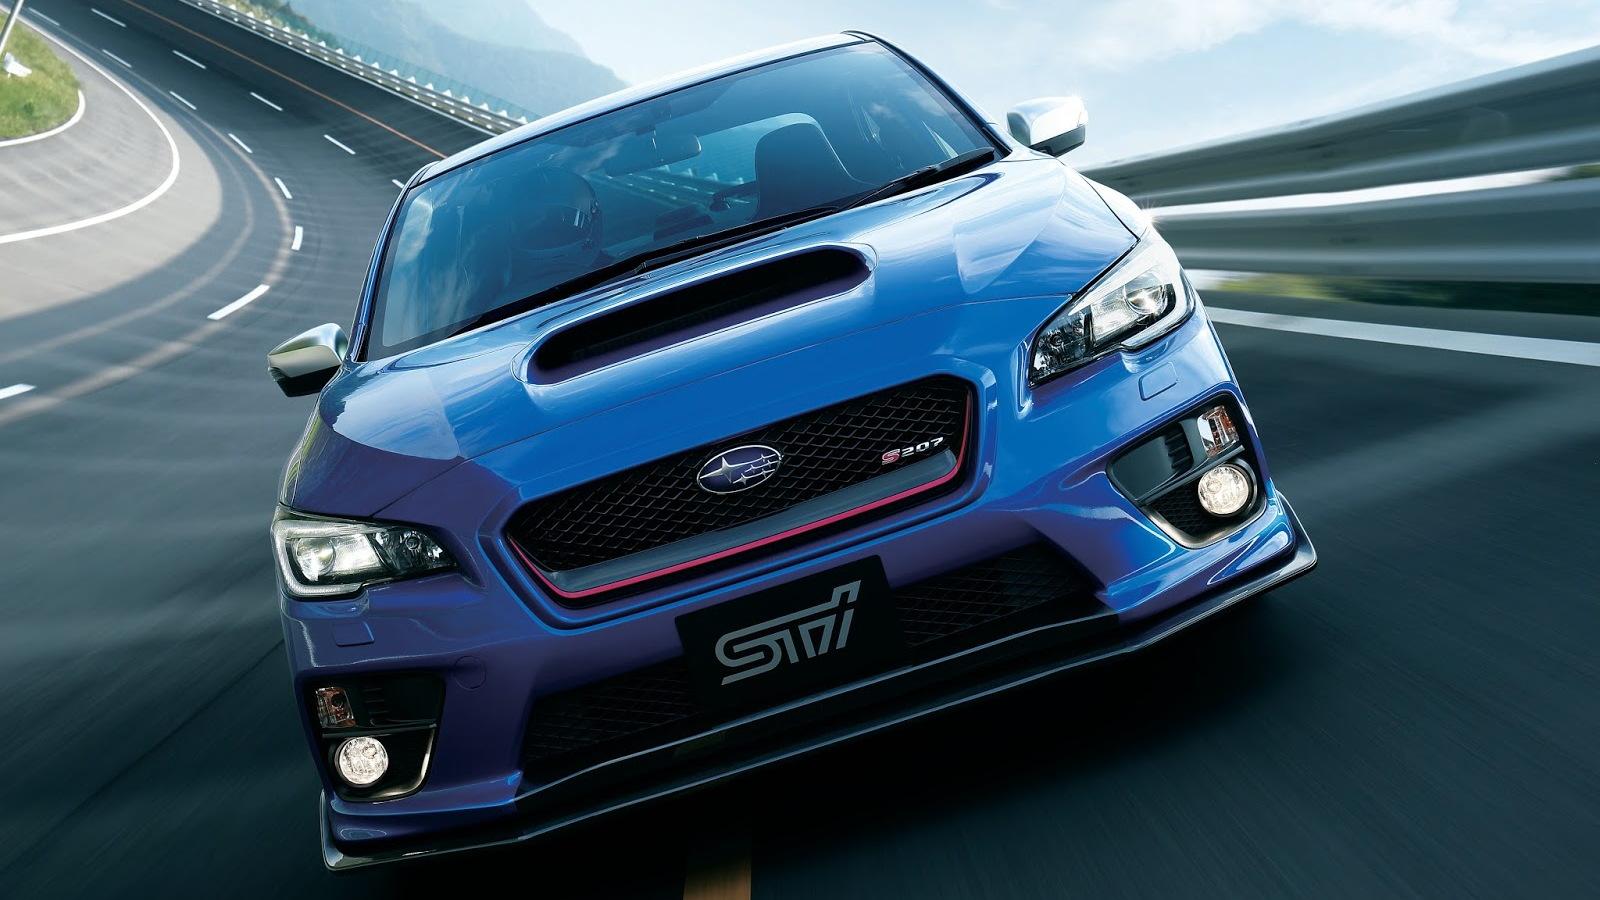 2015 Subaru WRX STI S207